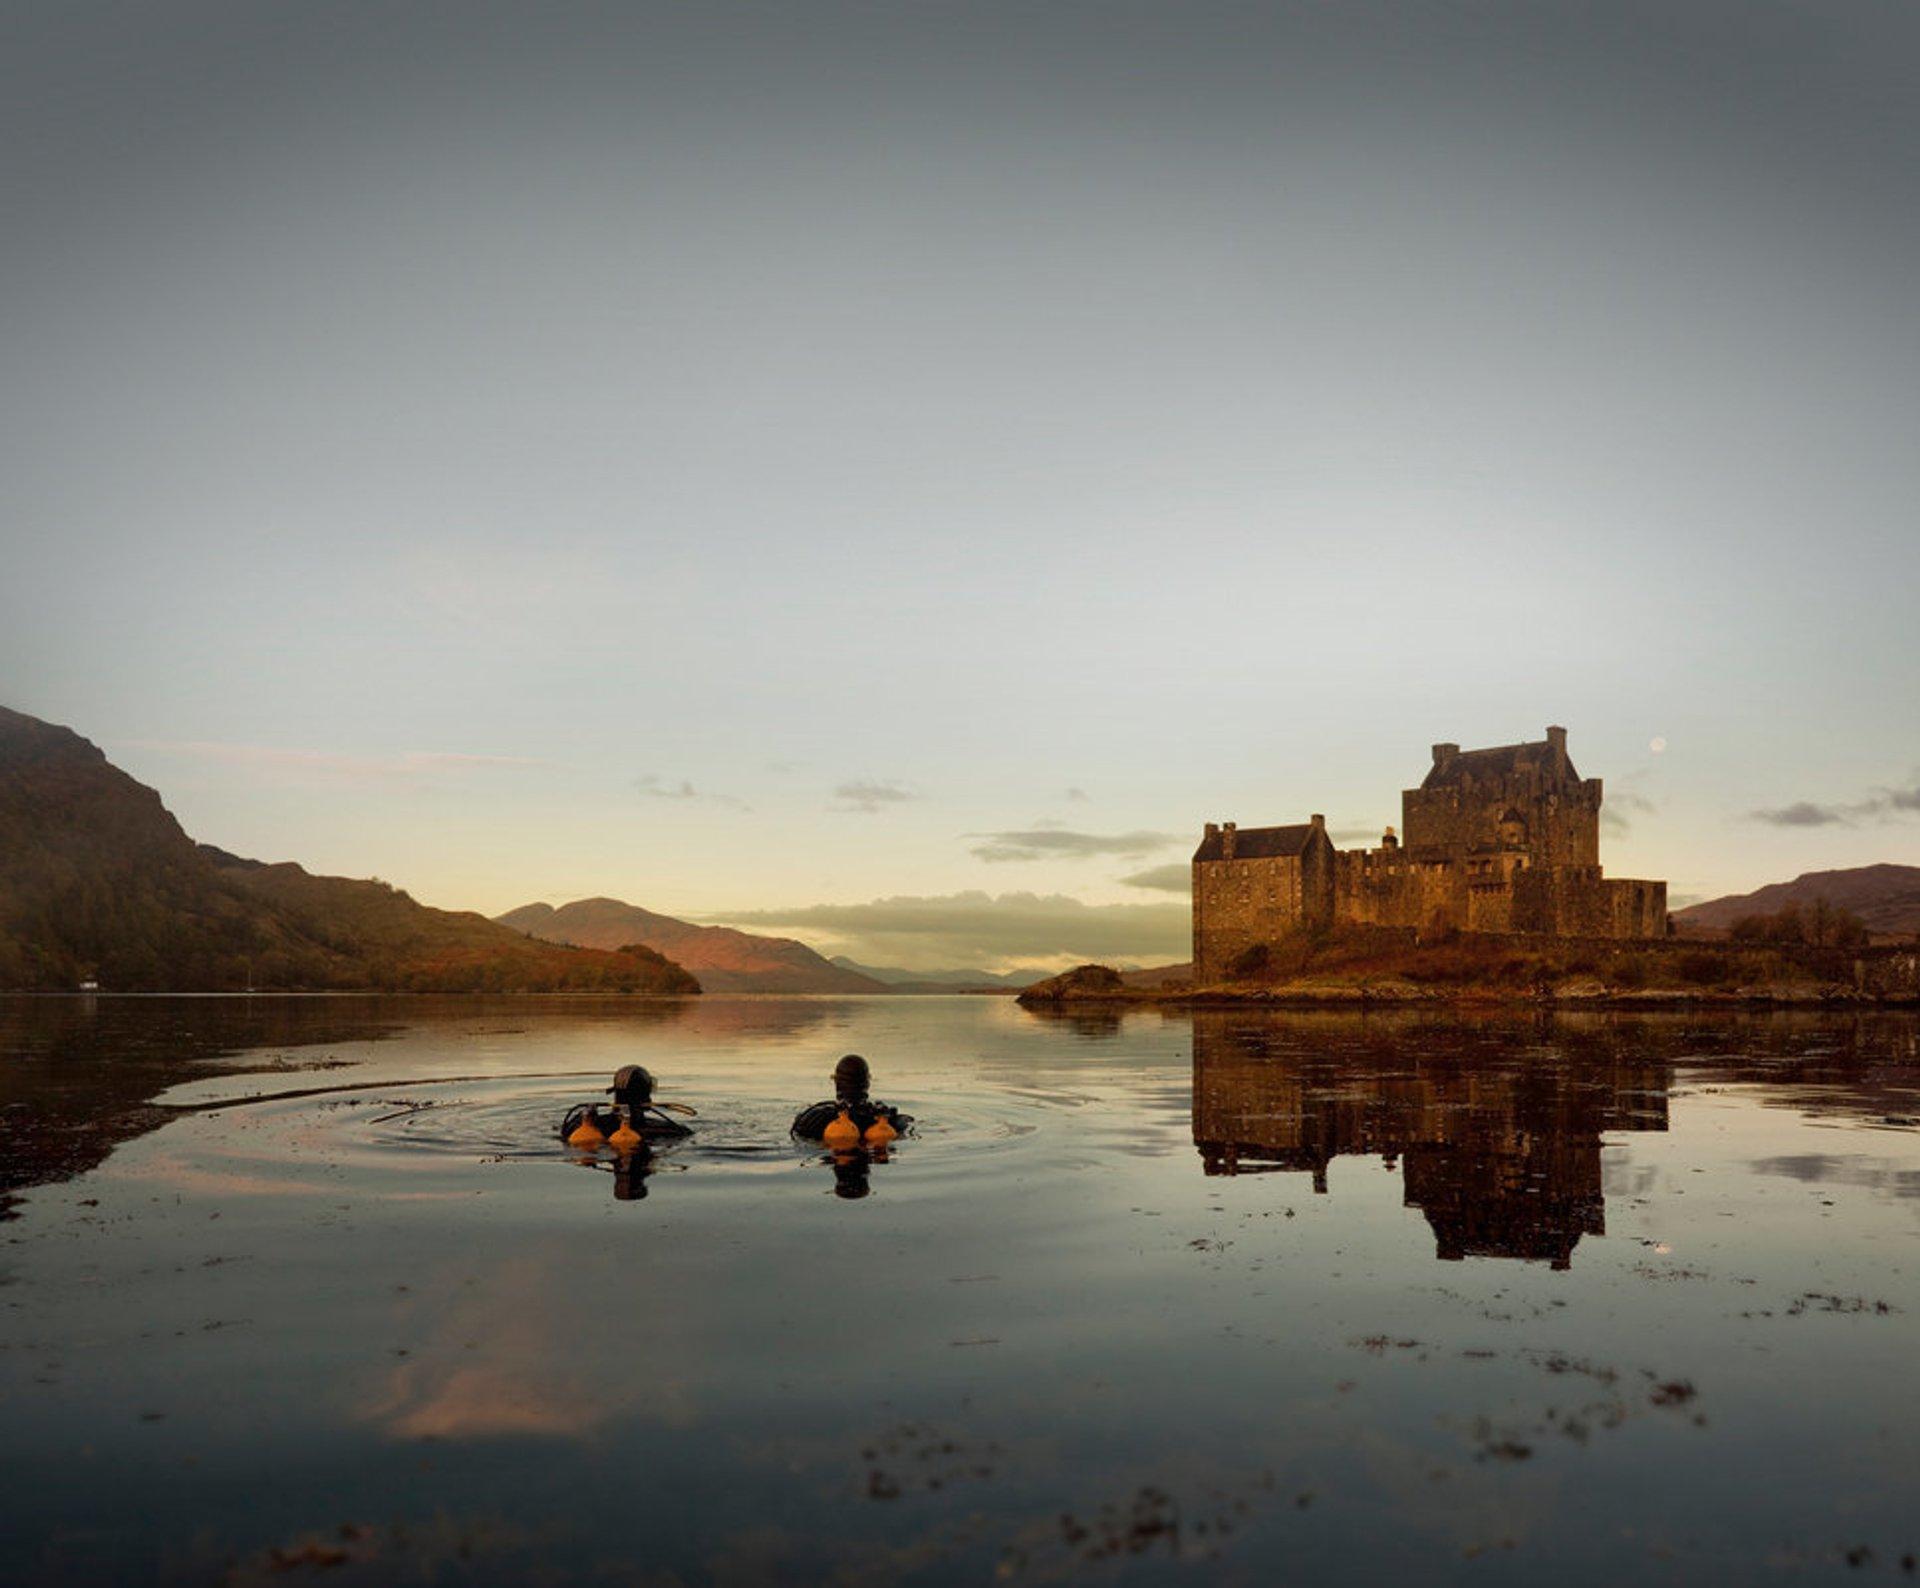 Scuba diving at Eilean Donan Castle 2019